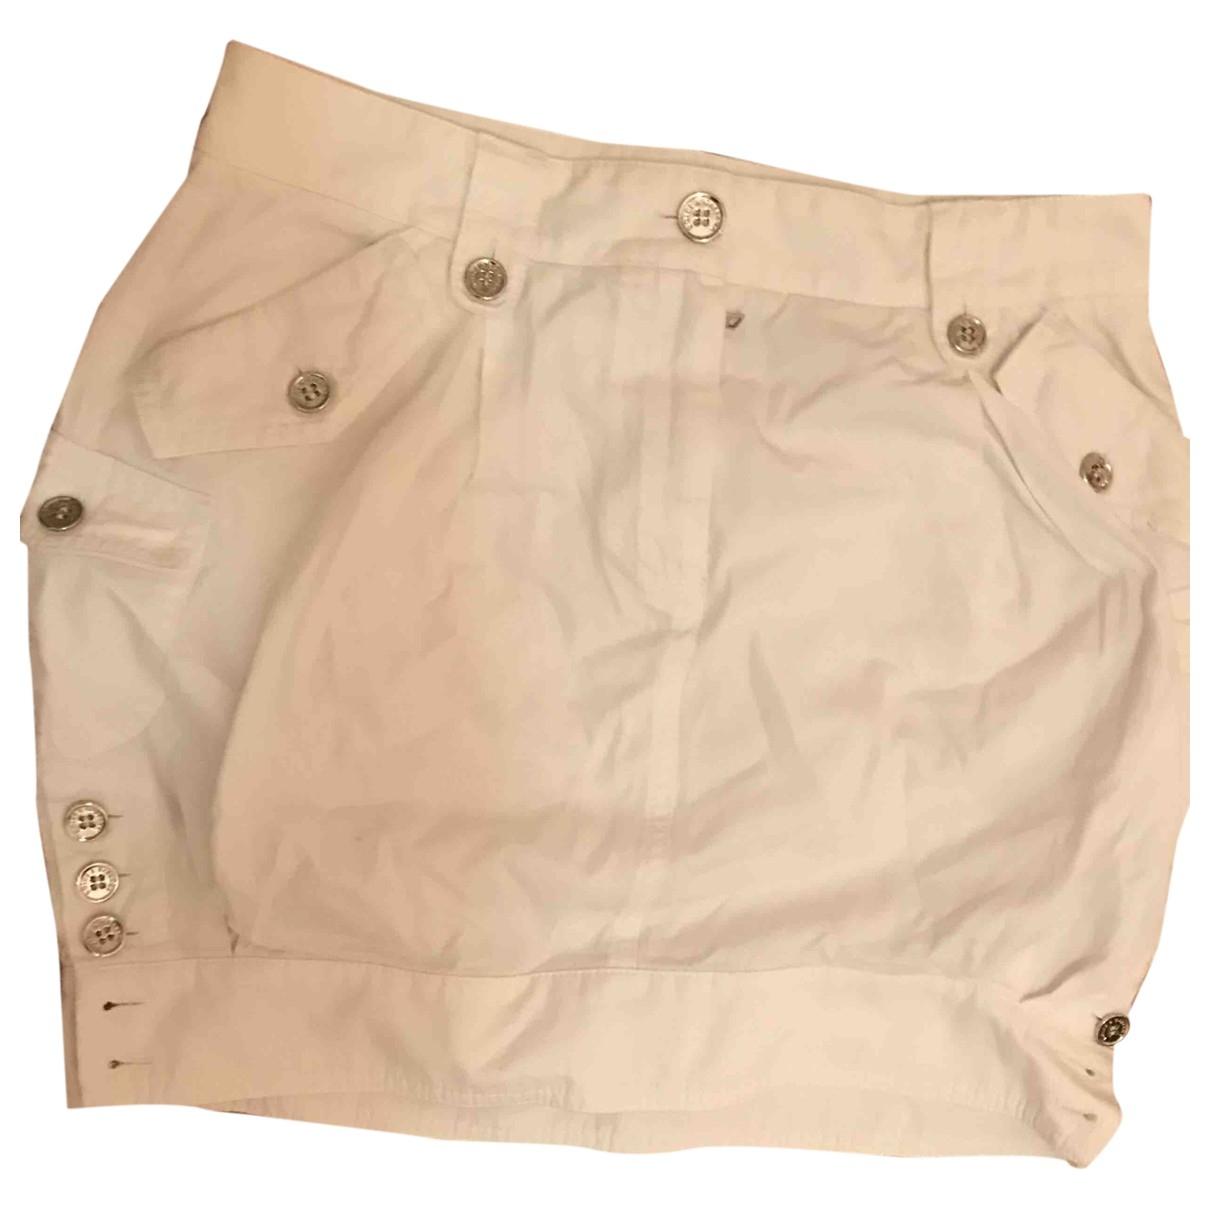 Dolce & Gabbana \N White Cotton skirt for Women 38 IT